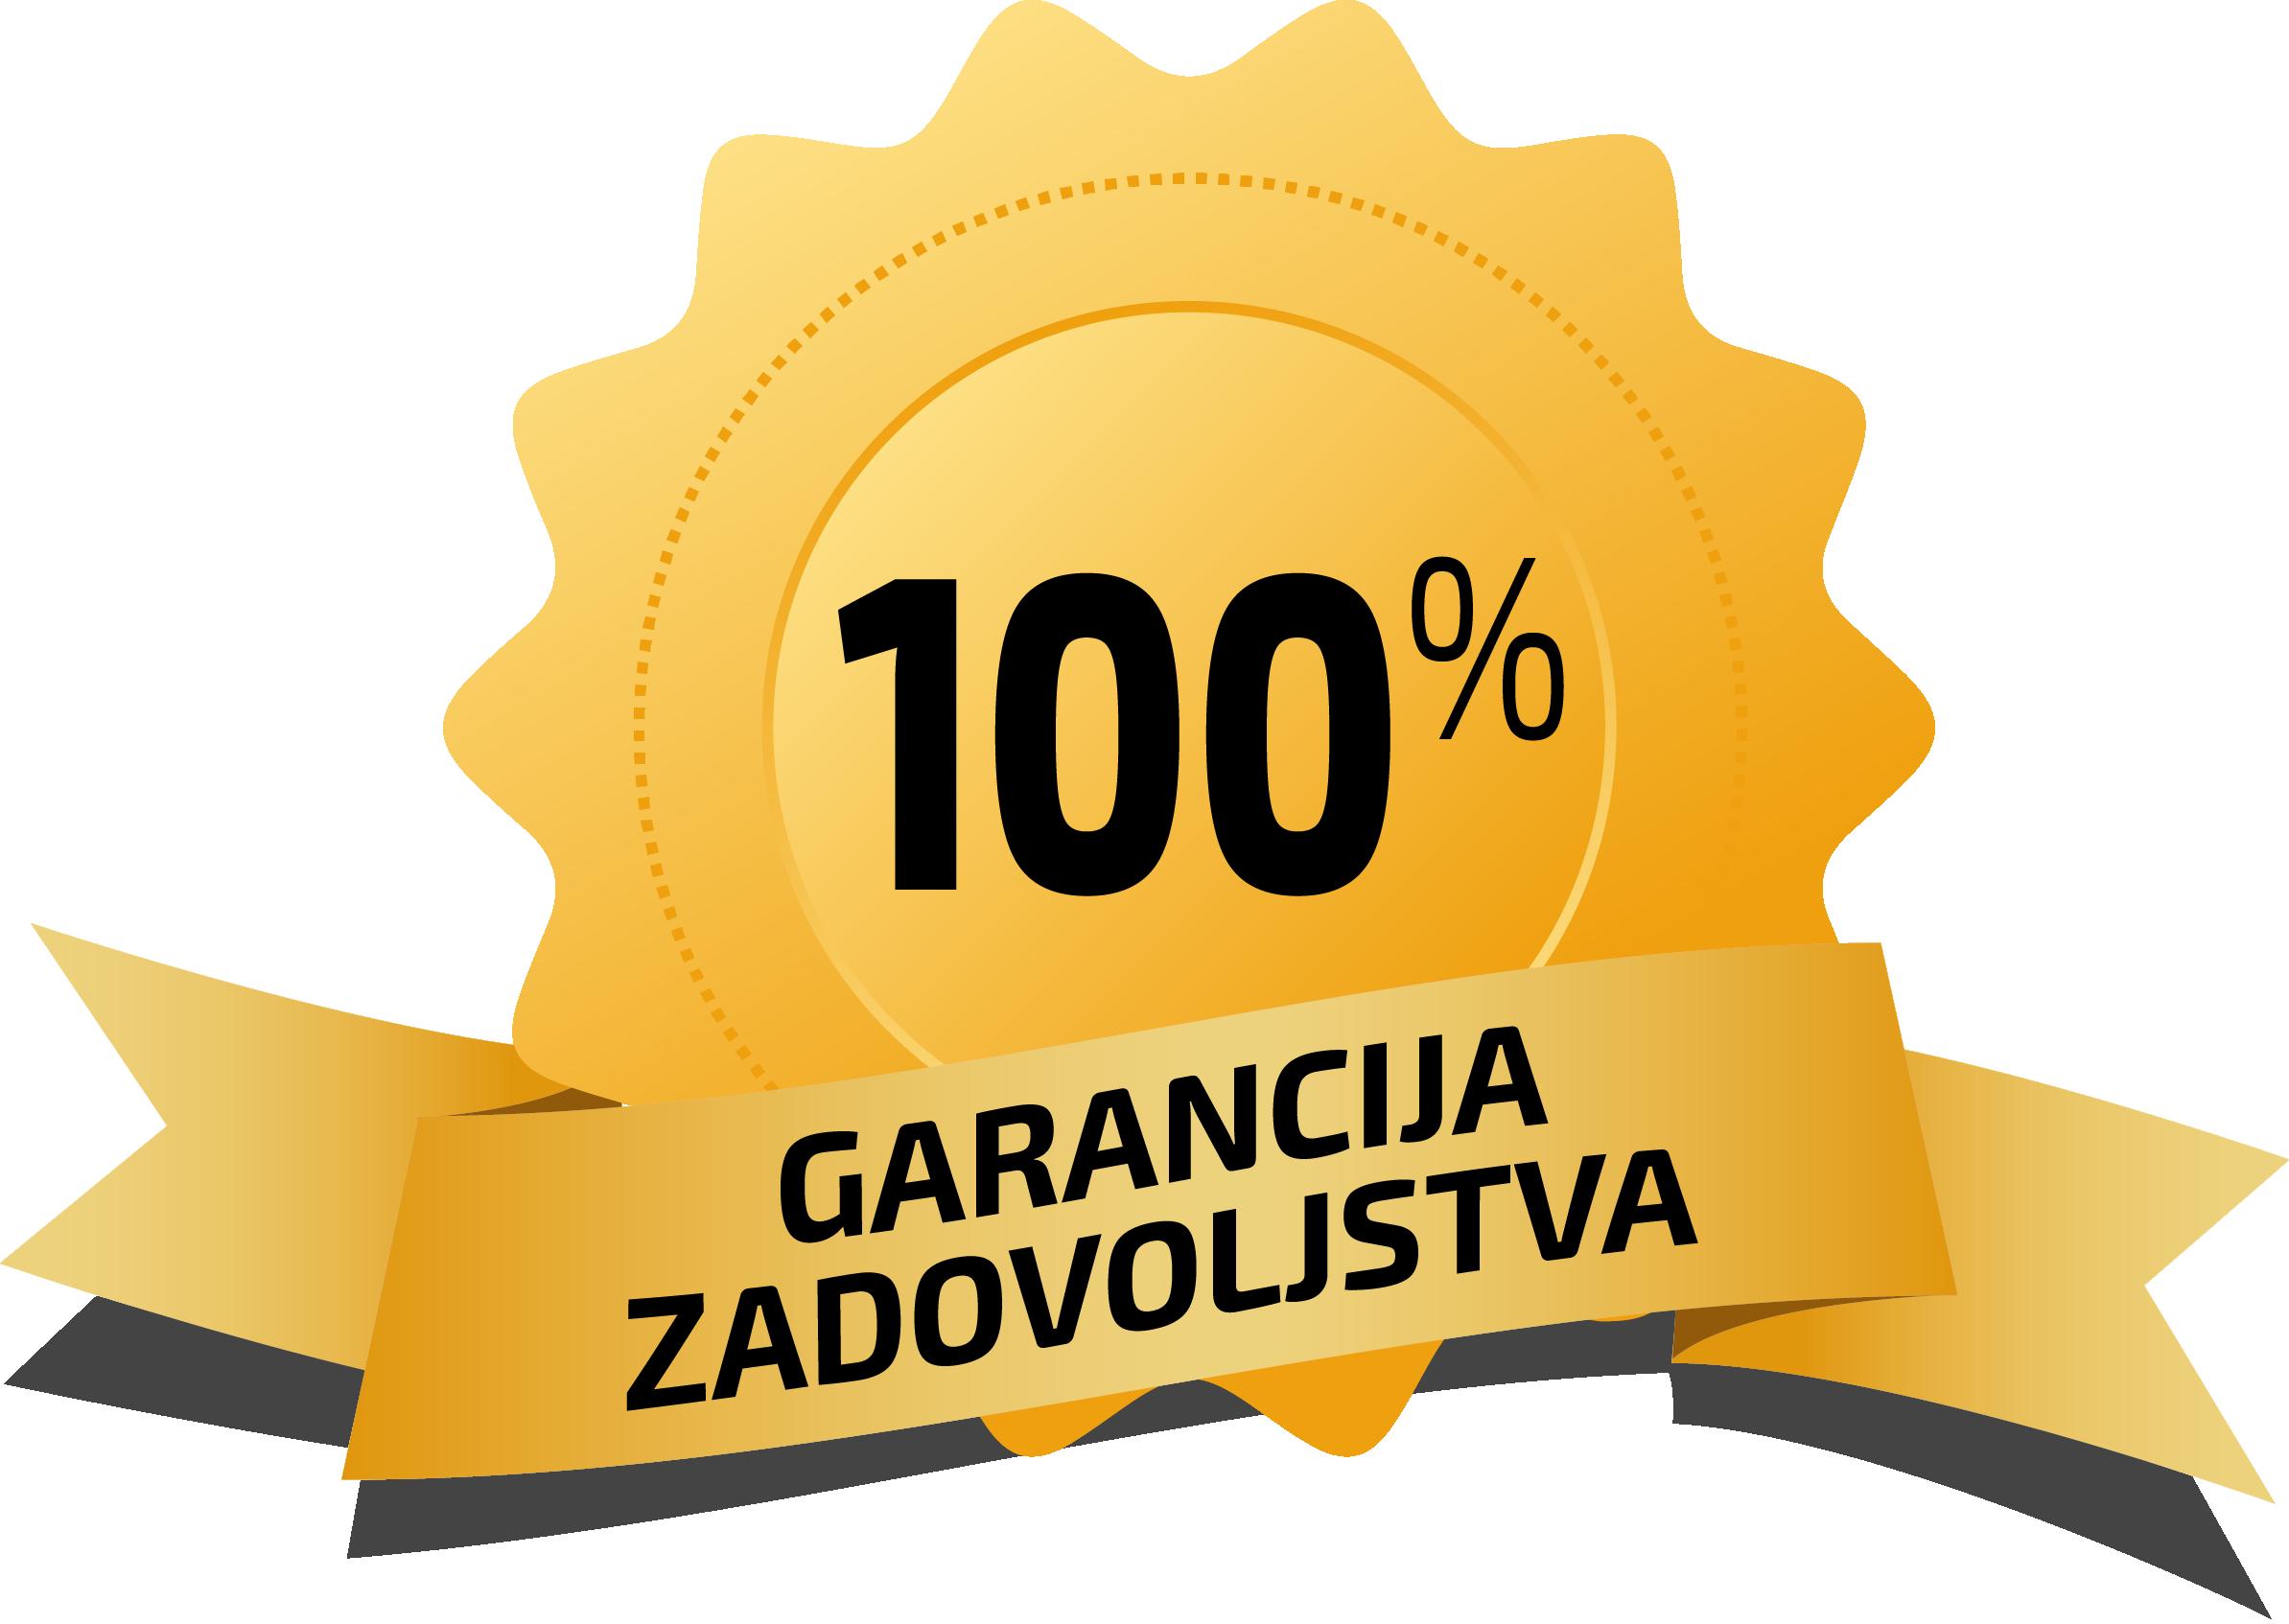 http://www.qlzoo.si/media/vsebina/garancija-zadovoljstva.png